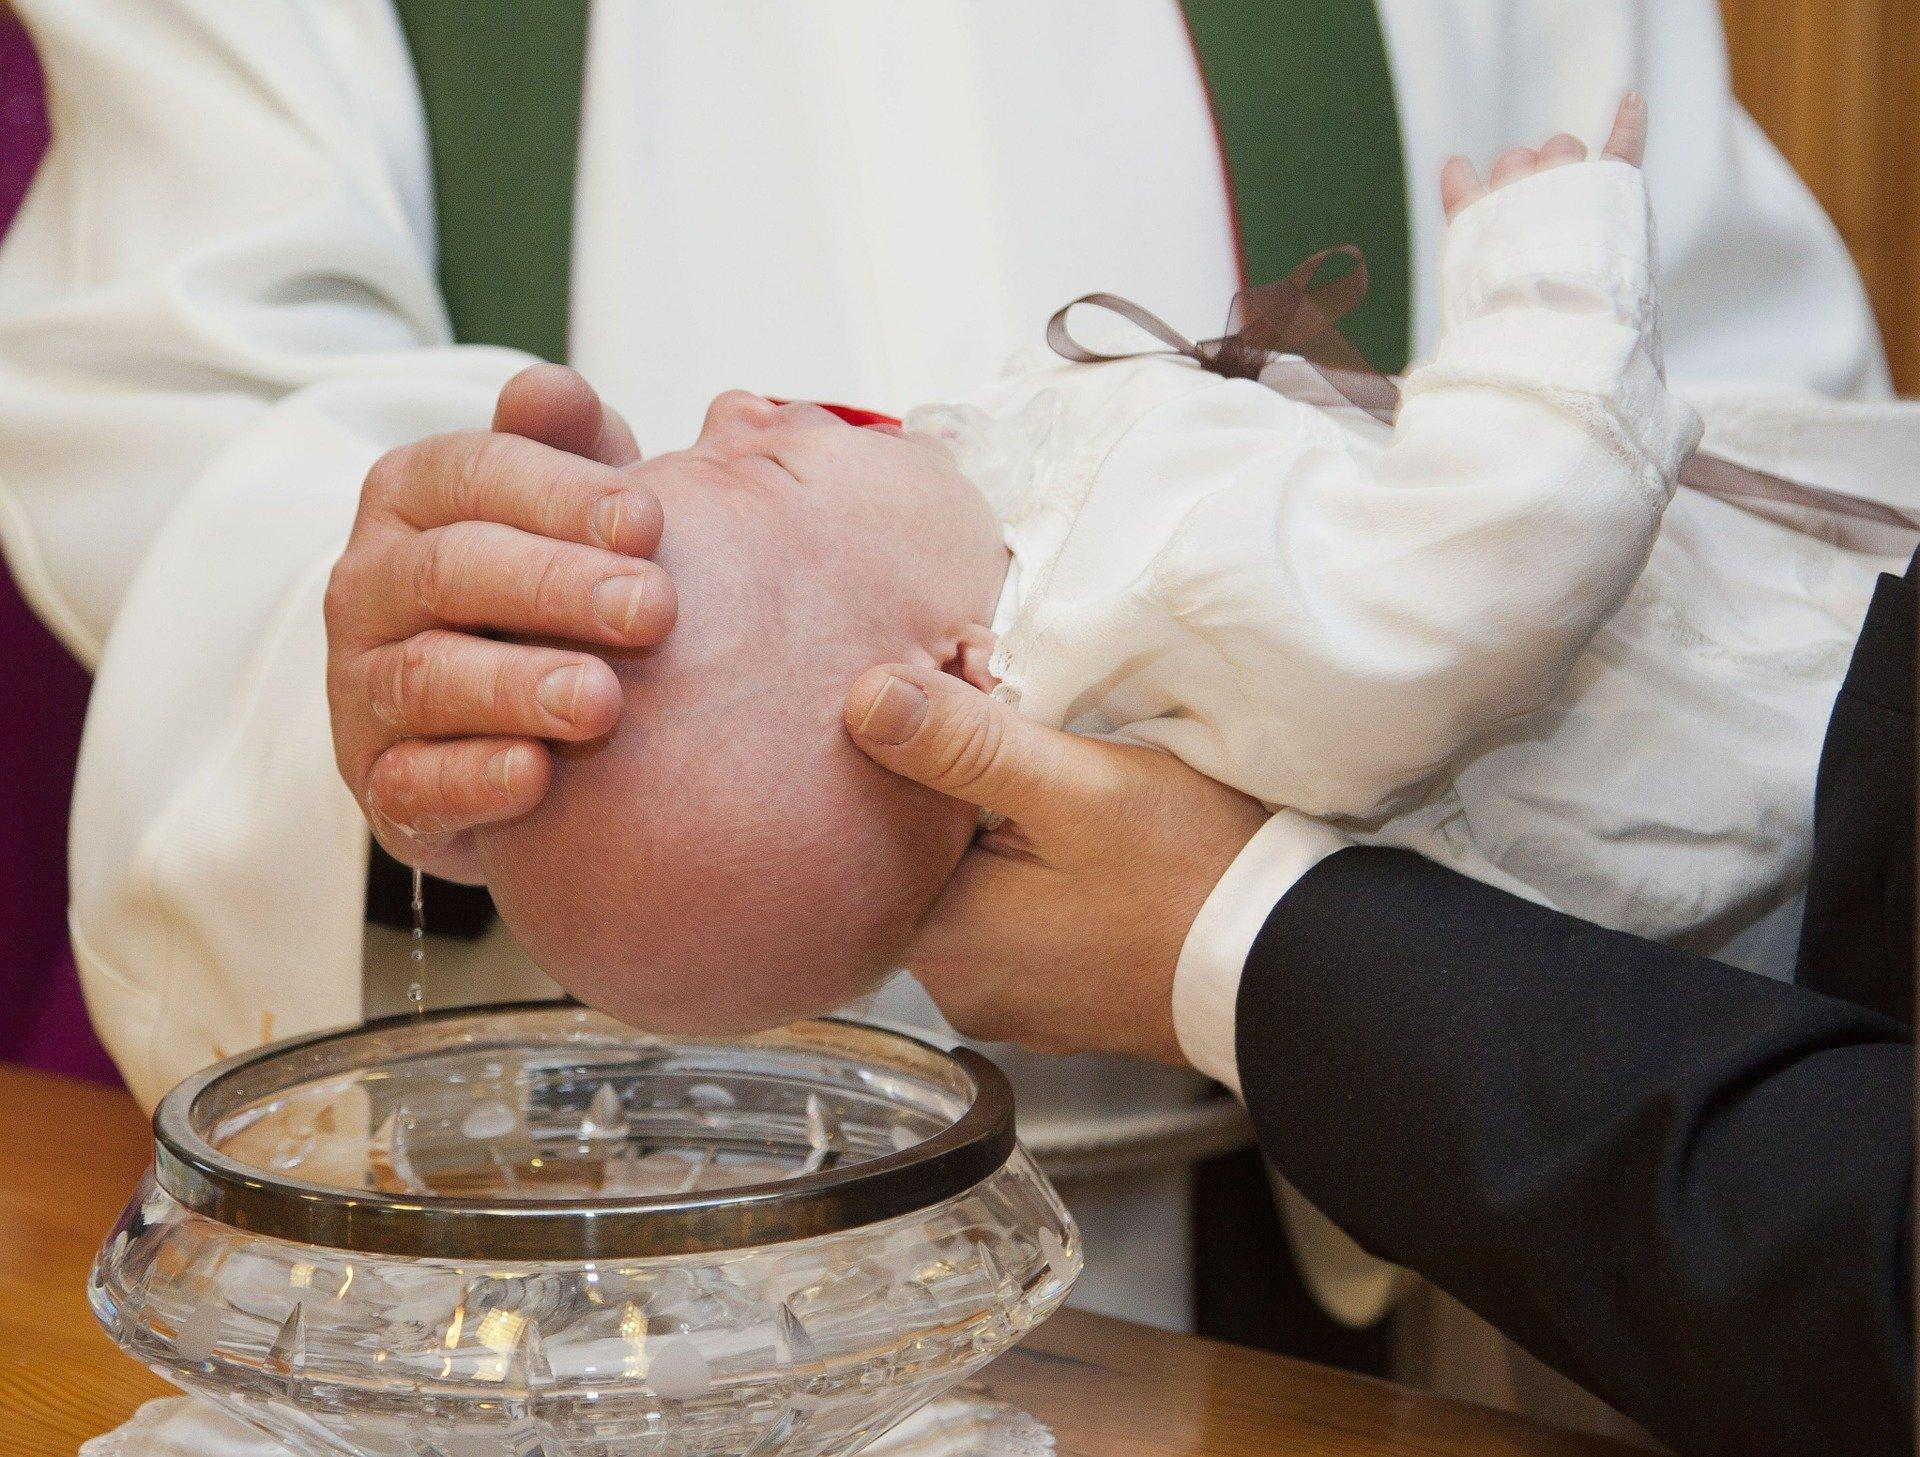 Regalo battesimo padrino e madrina: cosa regalare? 15 idee originali